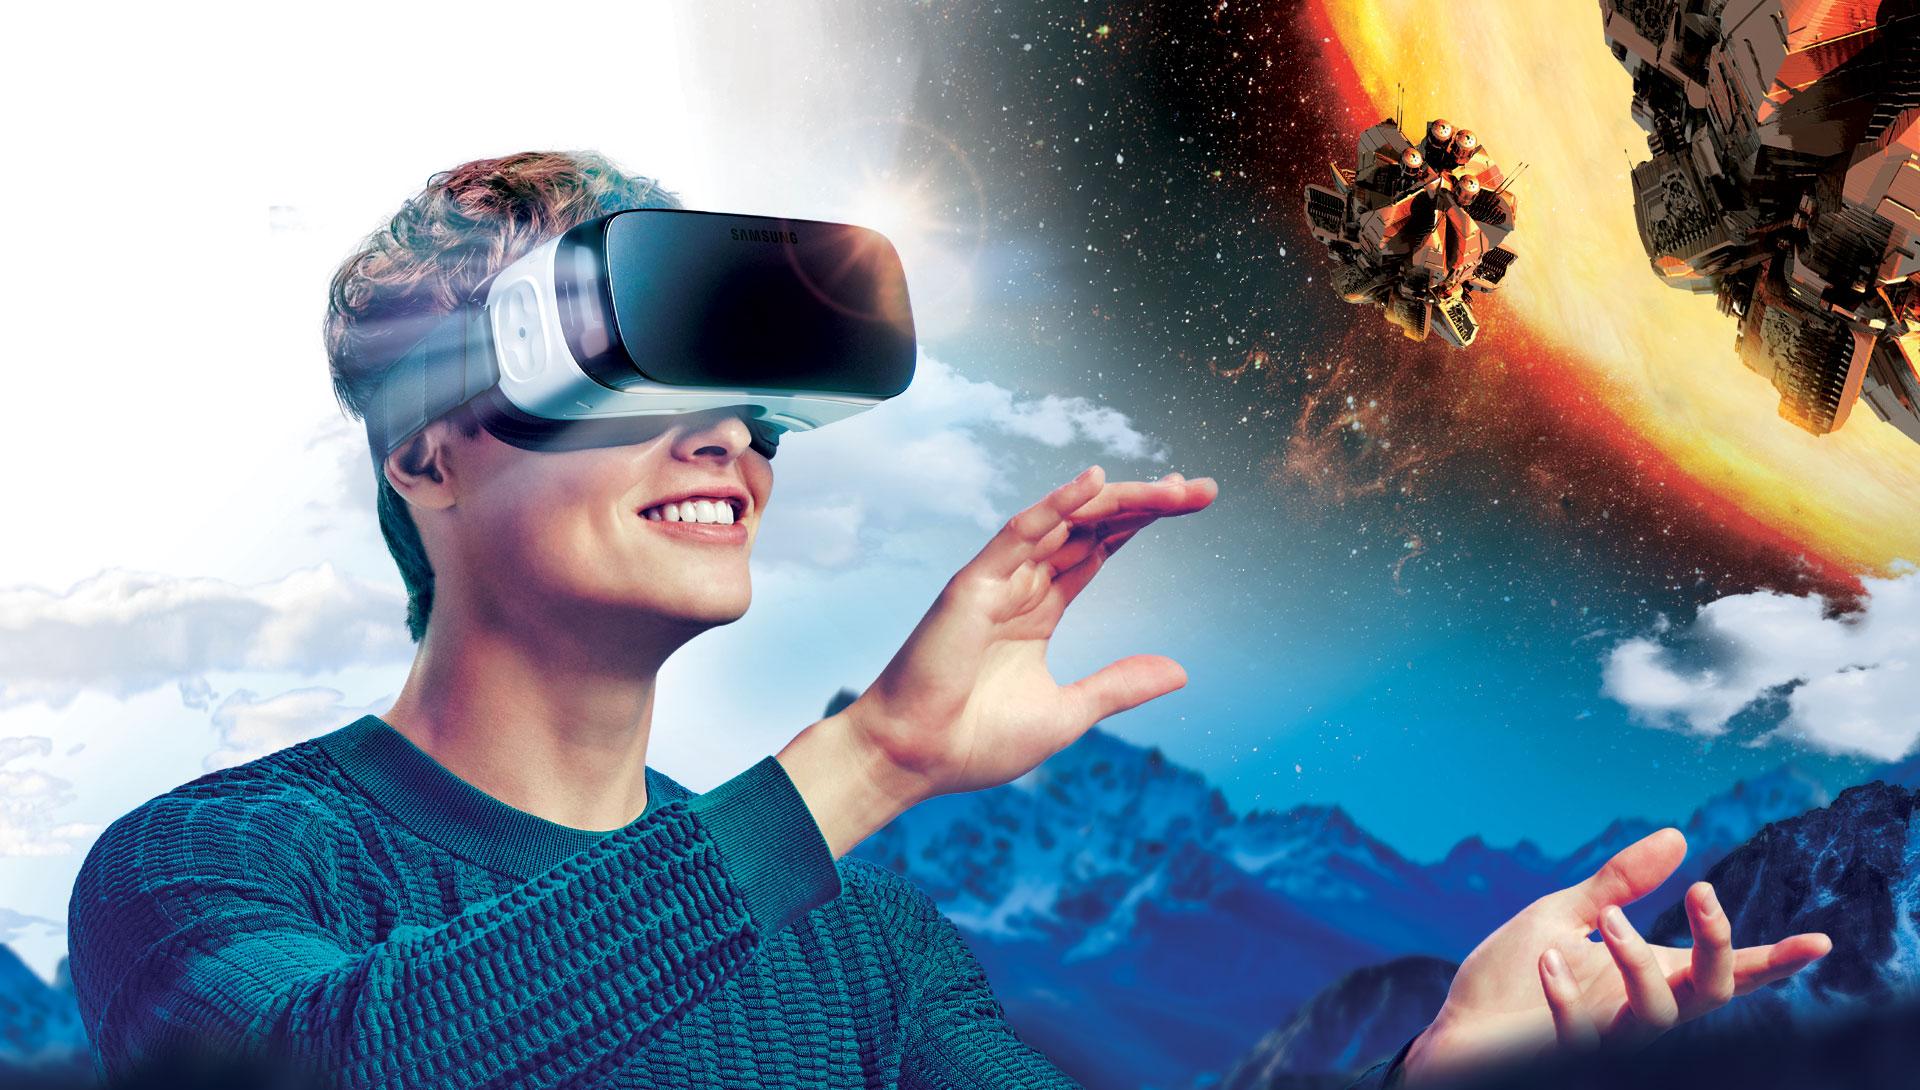 Mở khóa thế giới thực tế ảo với bộ đôi Galaxy S7 và Gear VR - Ảnh 1.